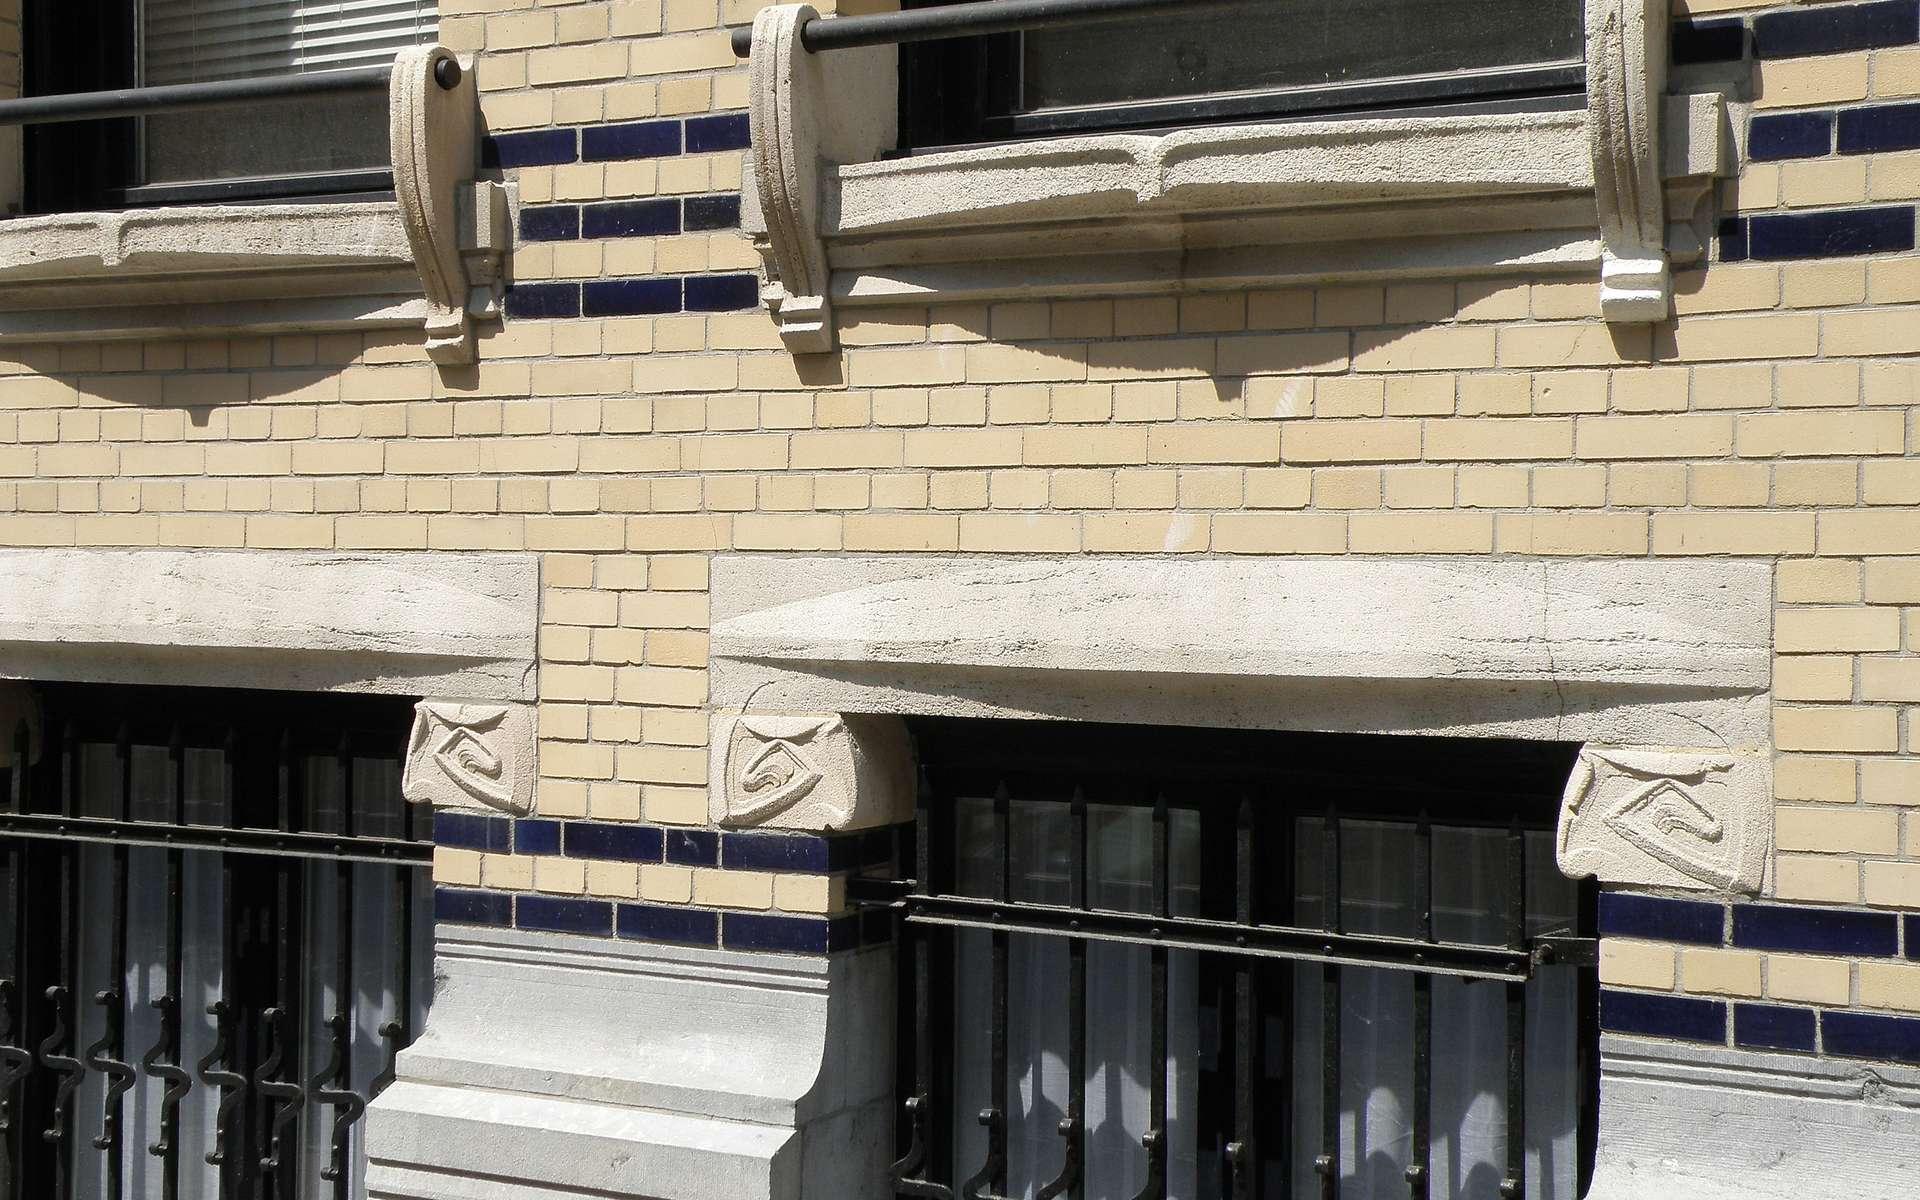 L'appui de baie est la partie maçonnée sur laquelle la fenêtre est posée. On voit ici un appui de fenêtre d'une maison de style Art nouveau située en Belgique. © Torsades de Pointe, Domaine public, Wikimedia Commons